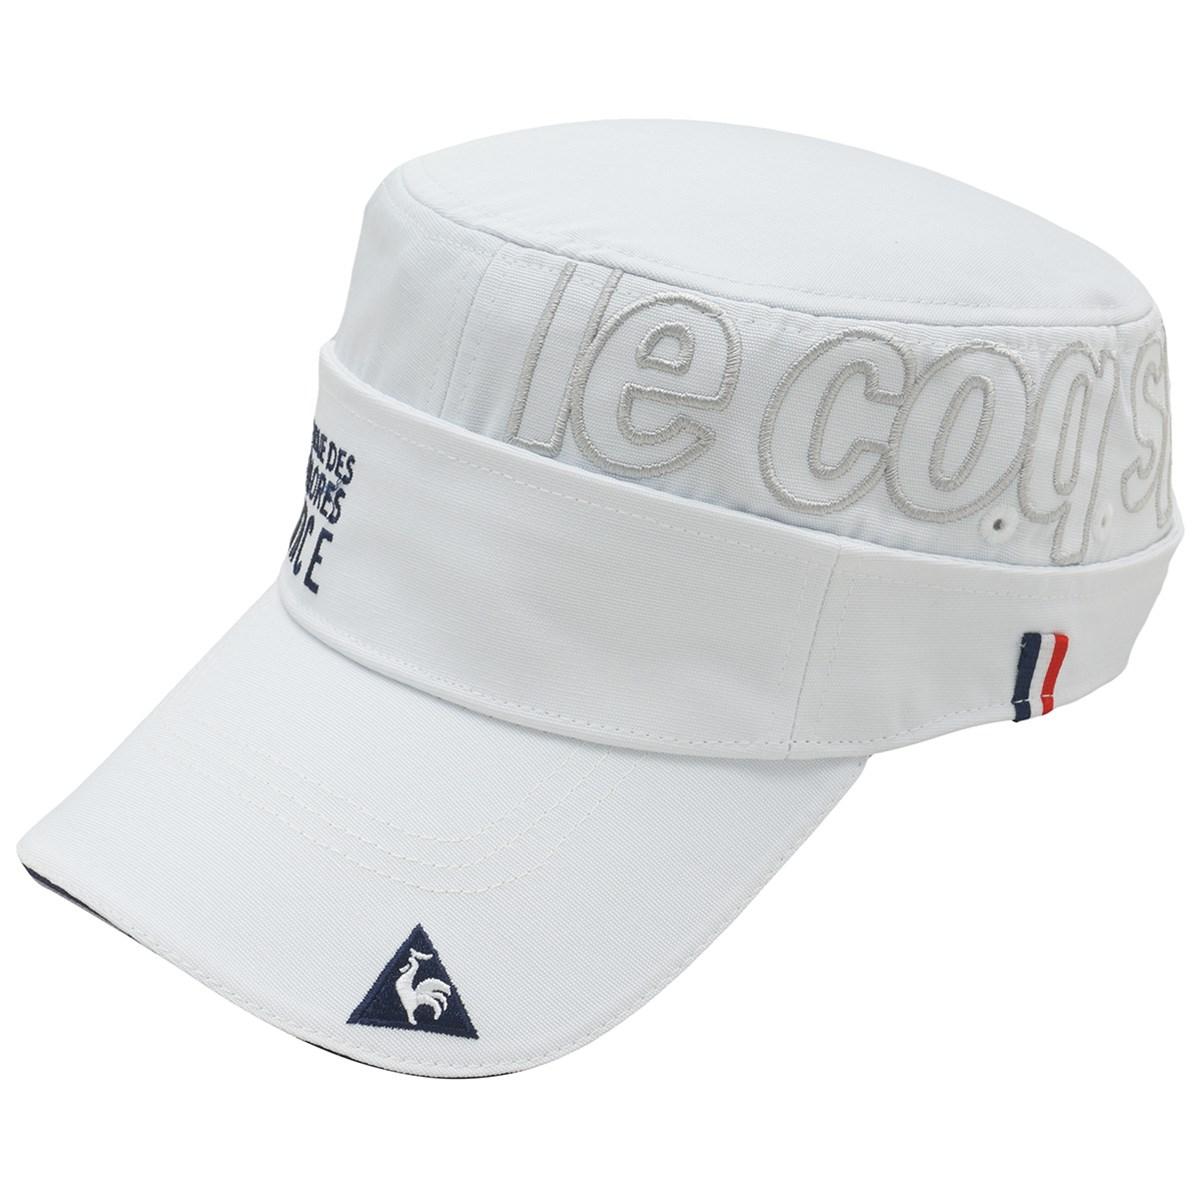 ルコックゴルフ Le coq sportif GOLF 2WAYドゴールキャップ フリー ホワイト 00